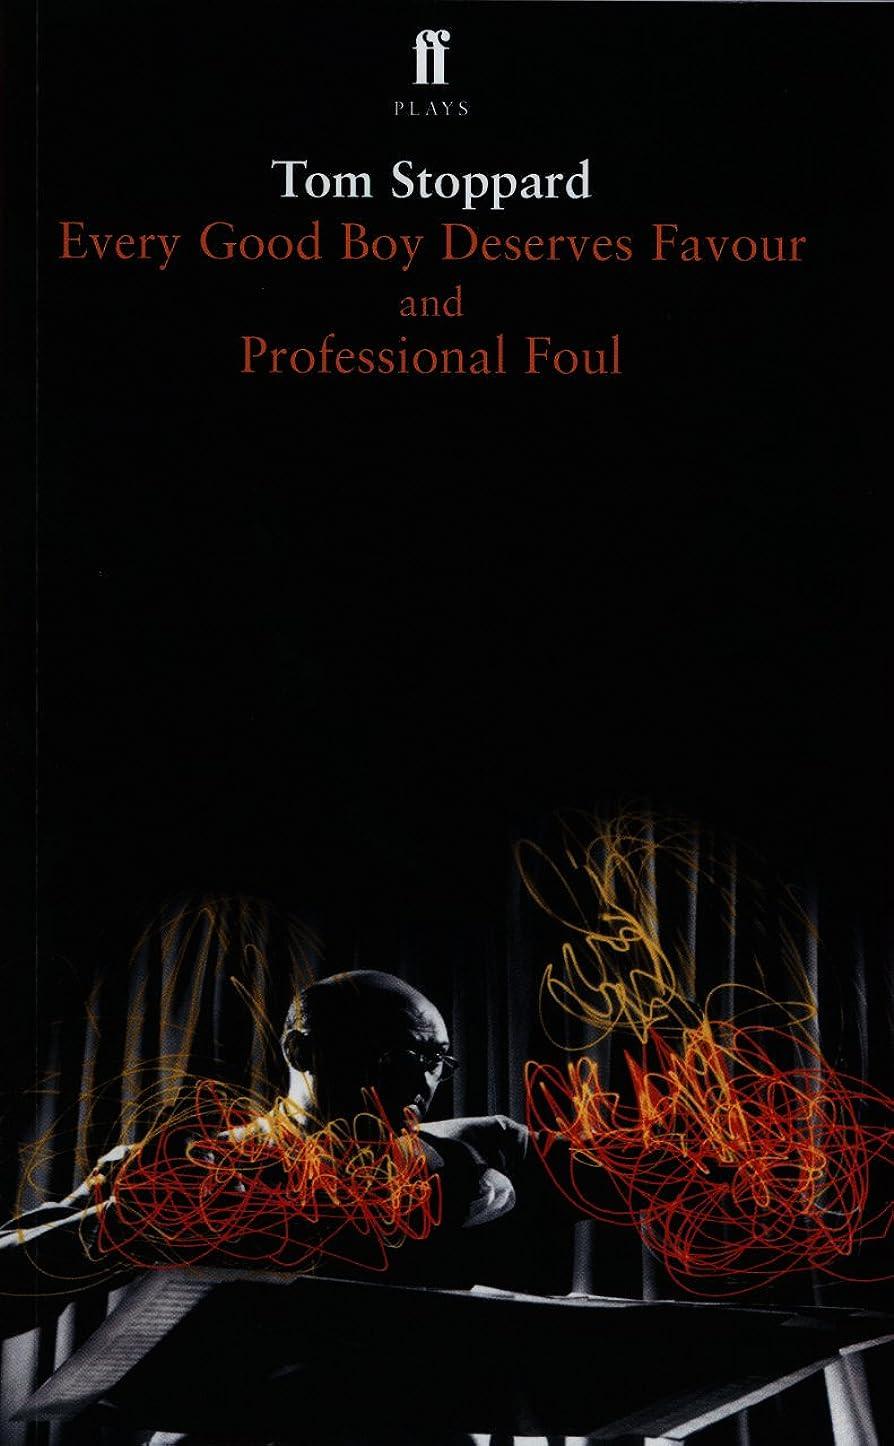 バンジージャンプ悪夢鼻Every Good Boy Deserves Favour & Professional Foul (English Edition)